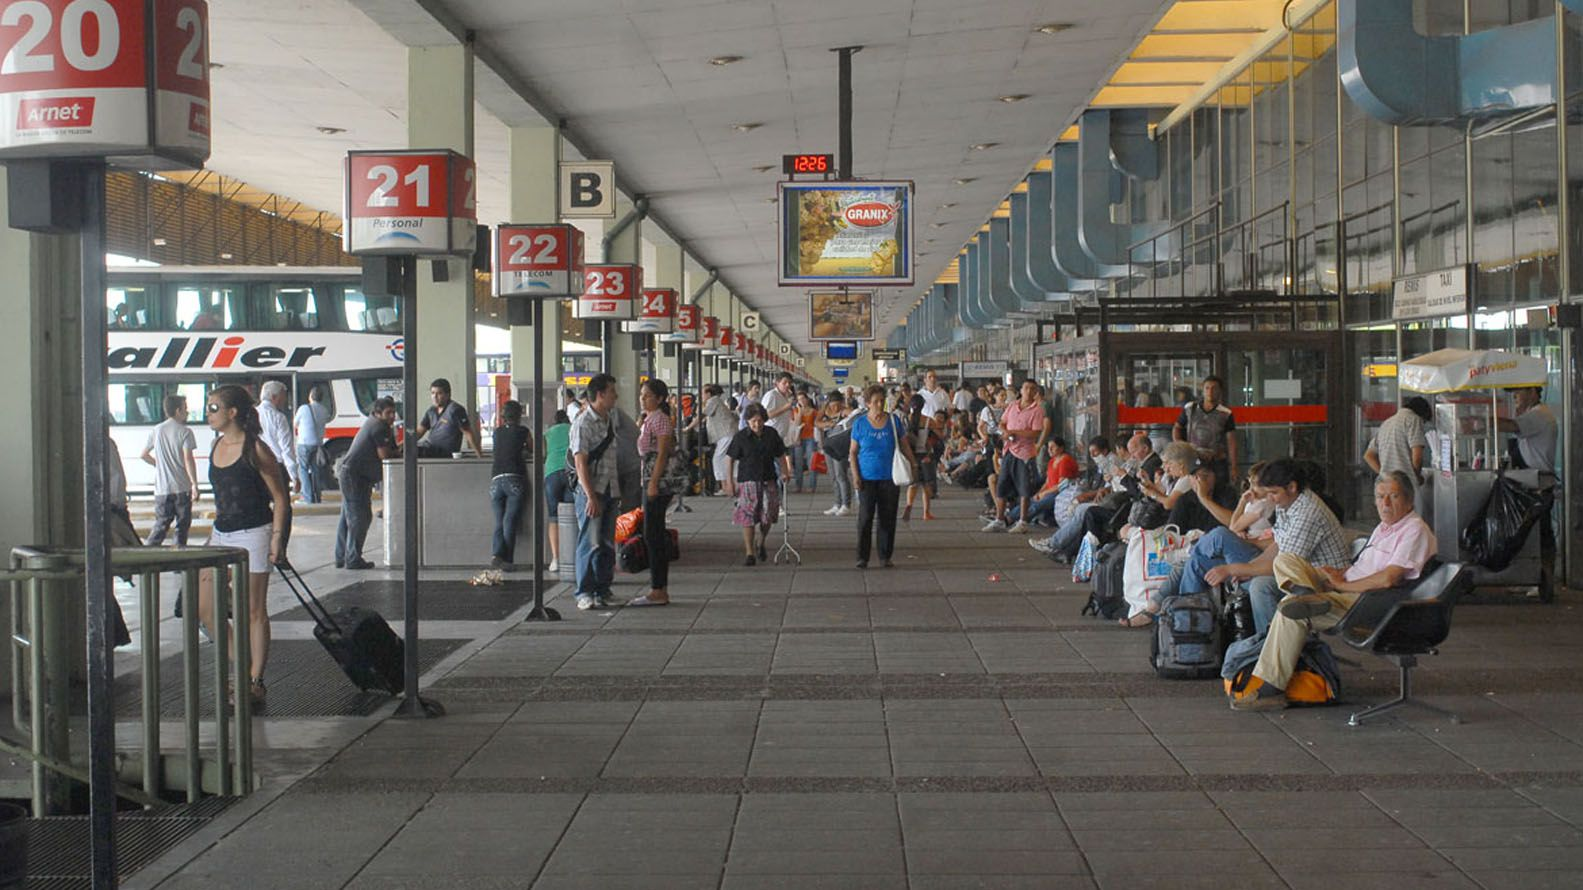 En el protocolo de la Comisión Nacional de Regulación del Transporte (CNRT) está definido que hay que dejar al pasajero en la terminal. Pero no todos concuerdan respecto de que esto pueda suceder